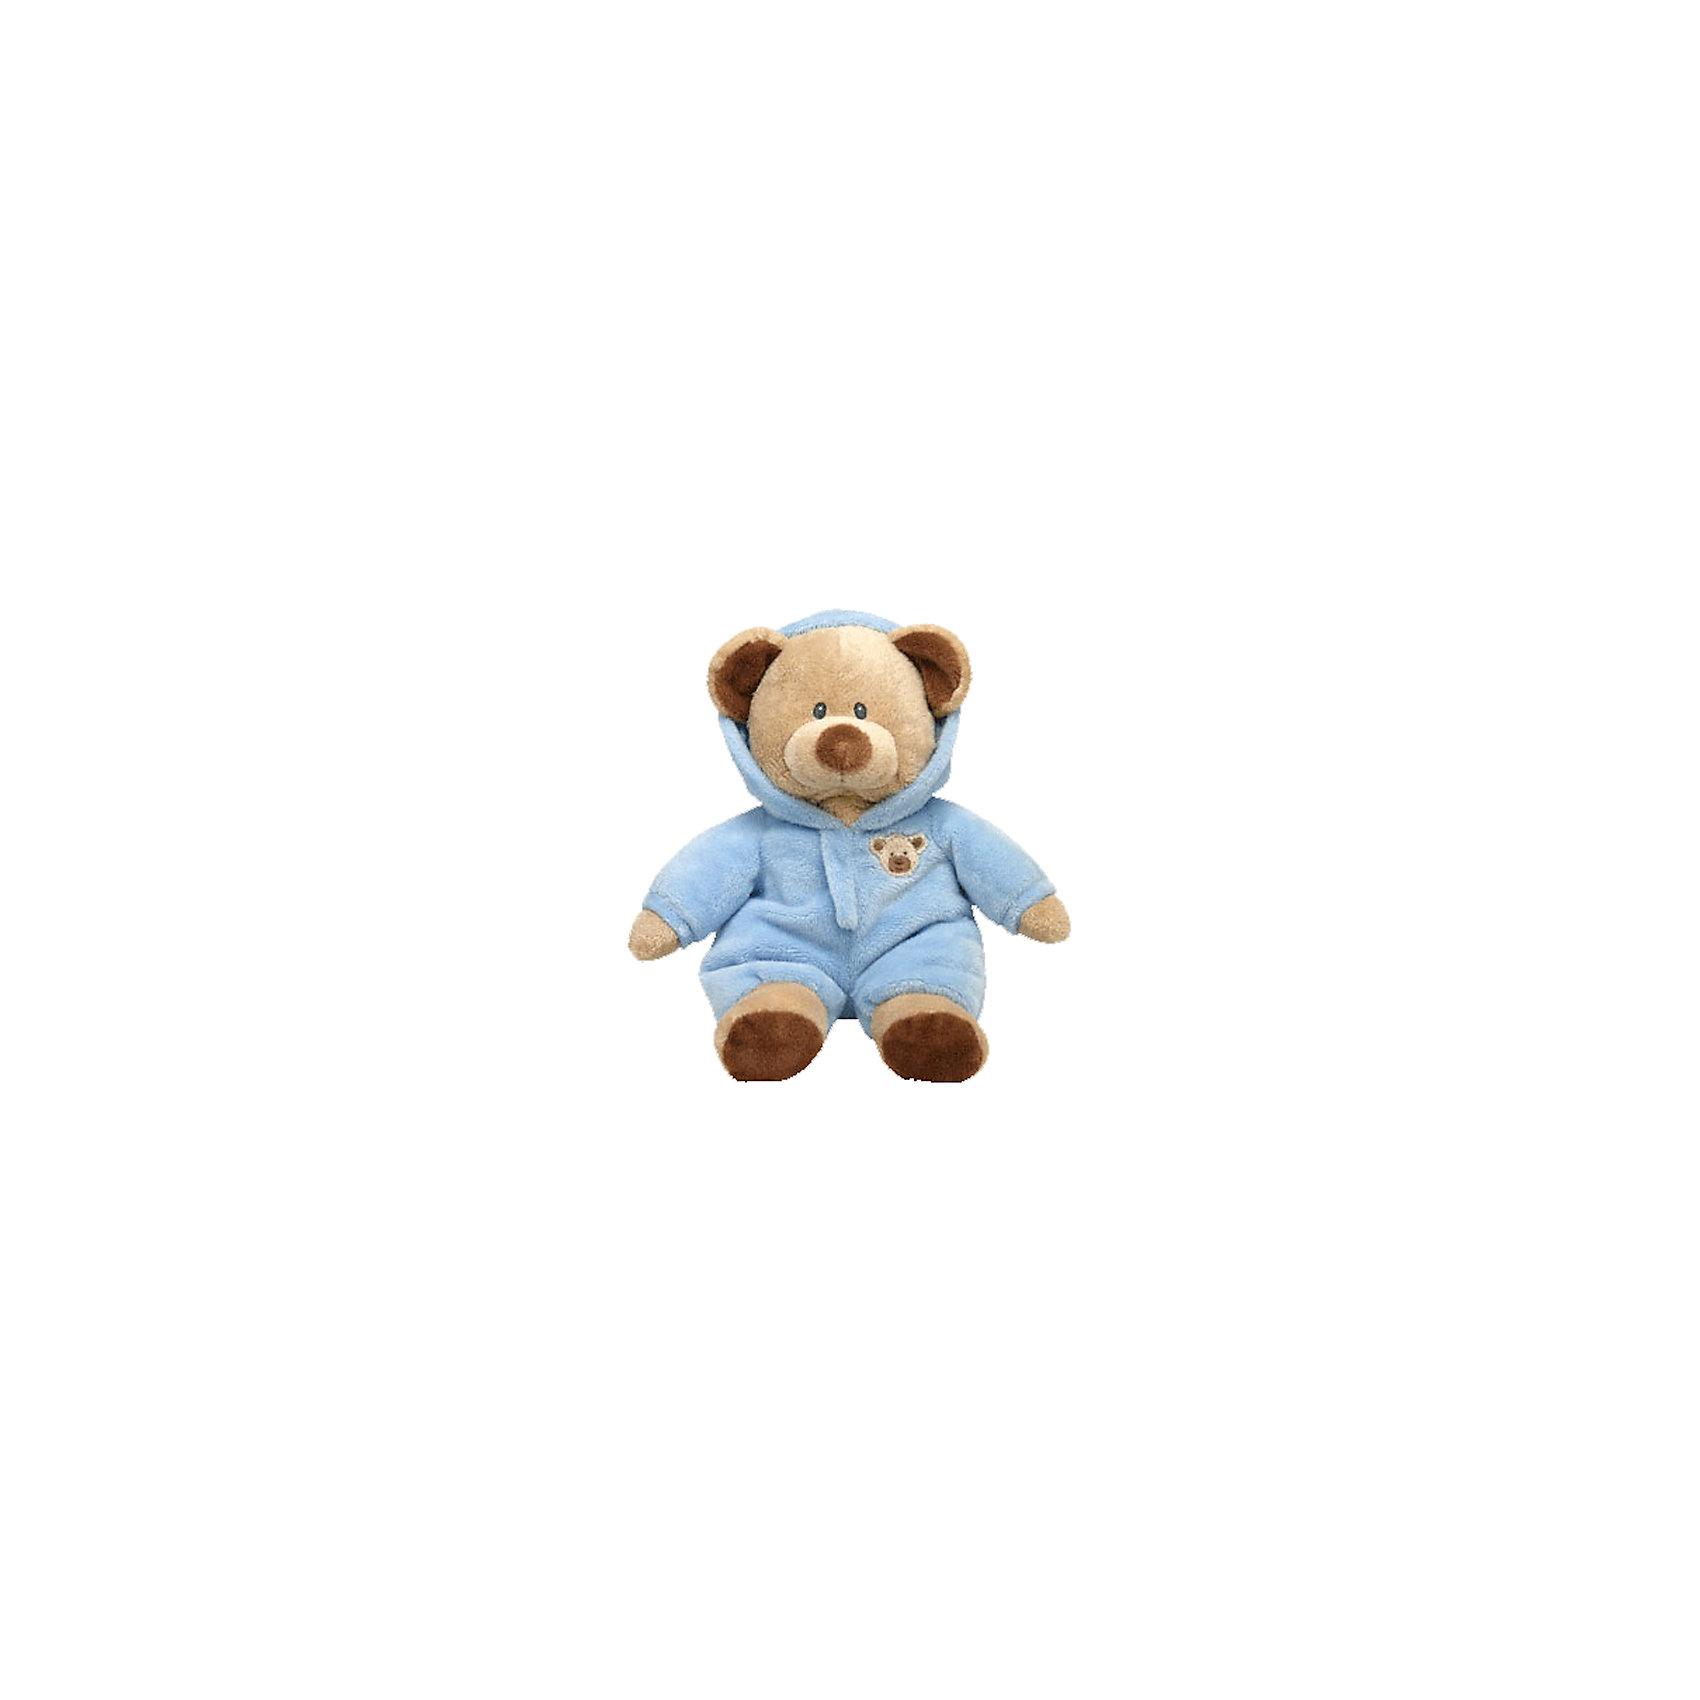 Медведь (коричневый) в голубой одежде, 25 см